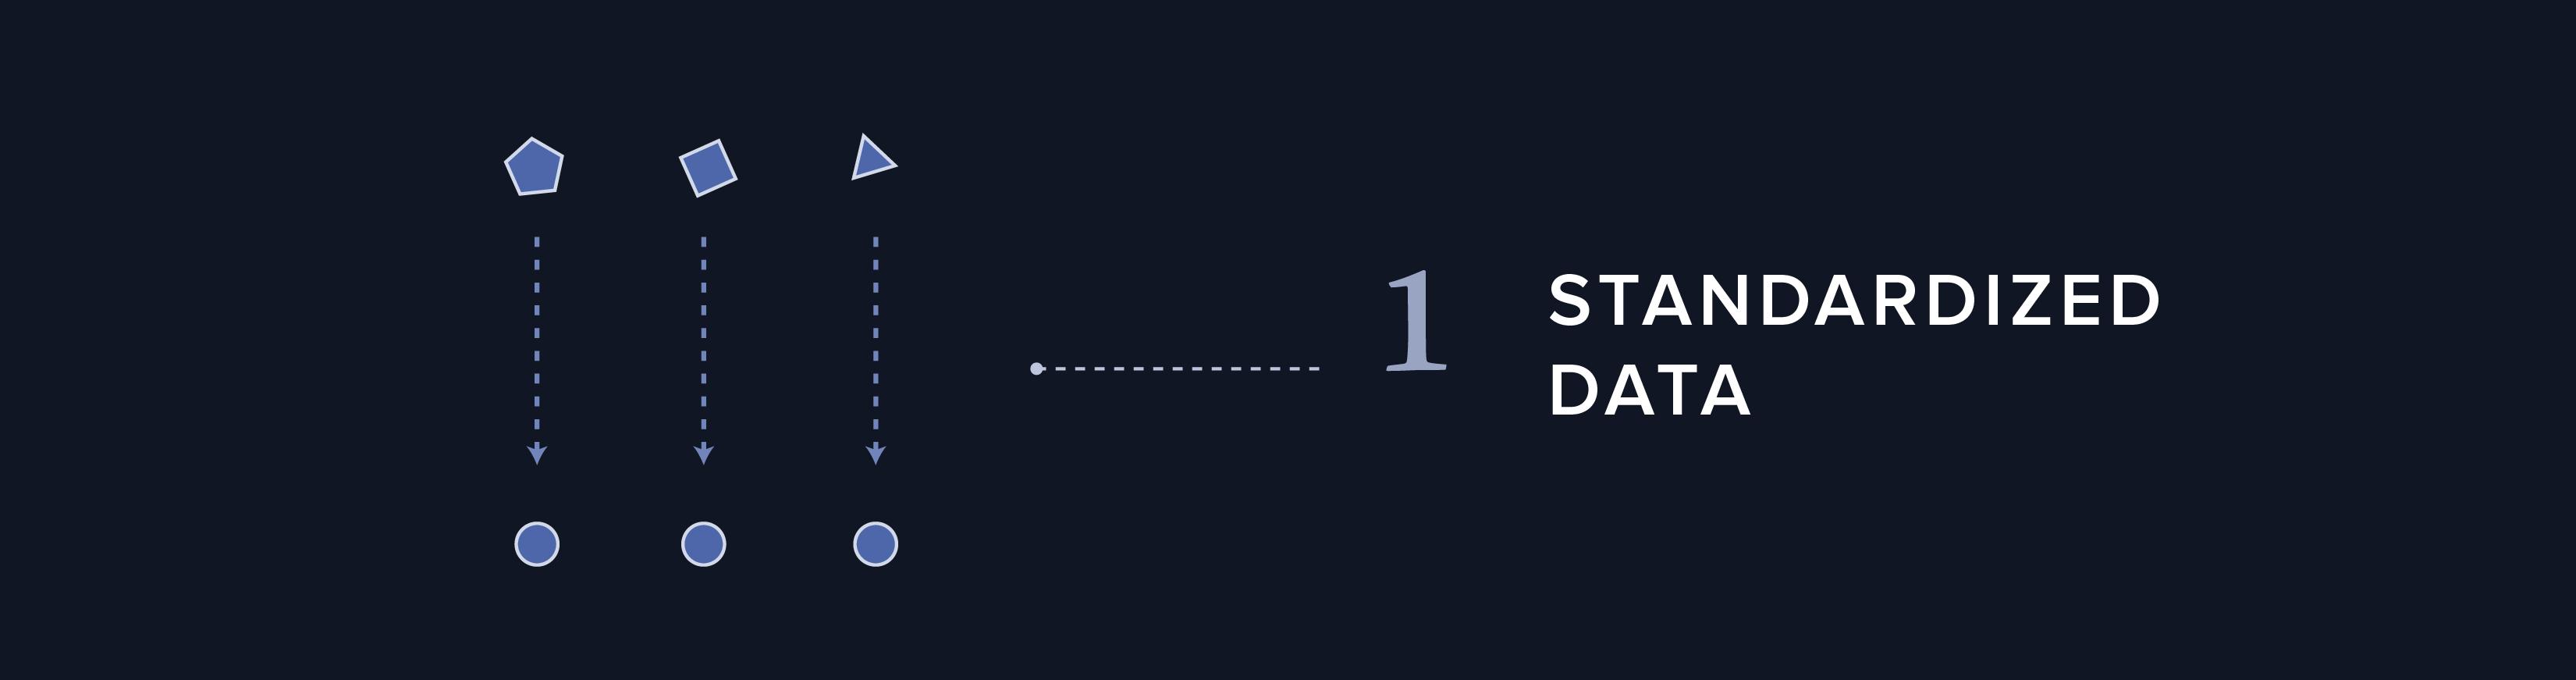 Standardized_Data